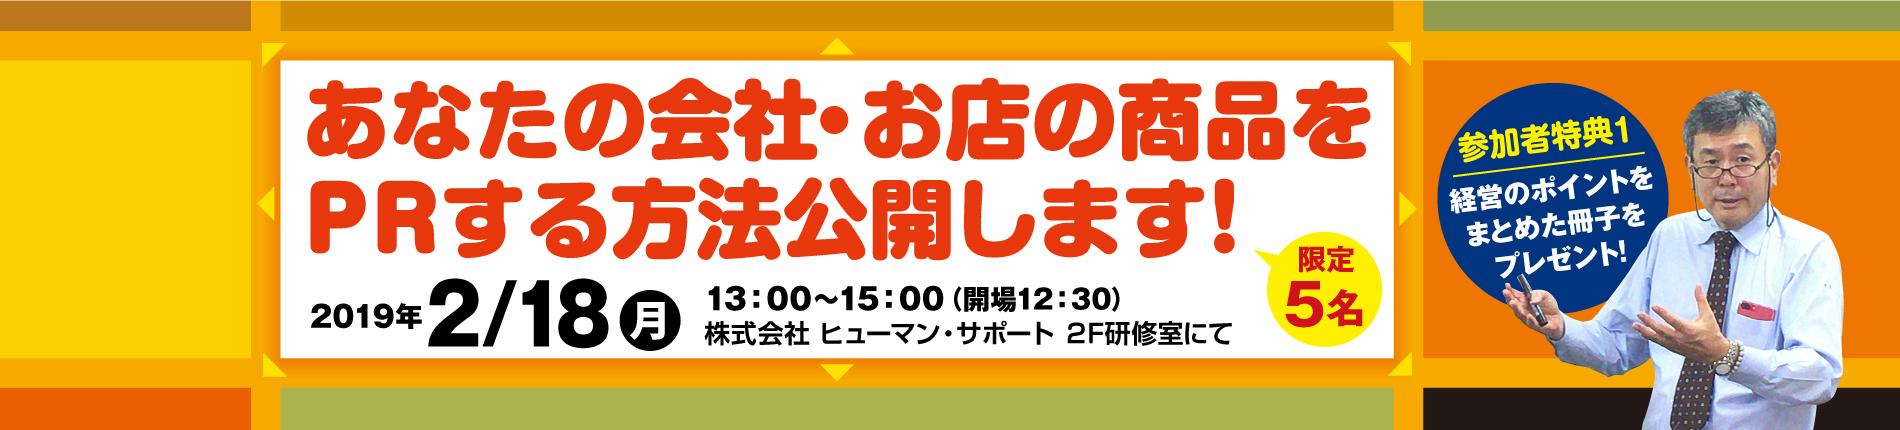 2/18セミナー開催